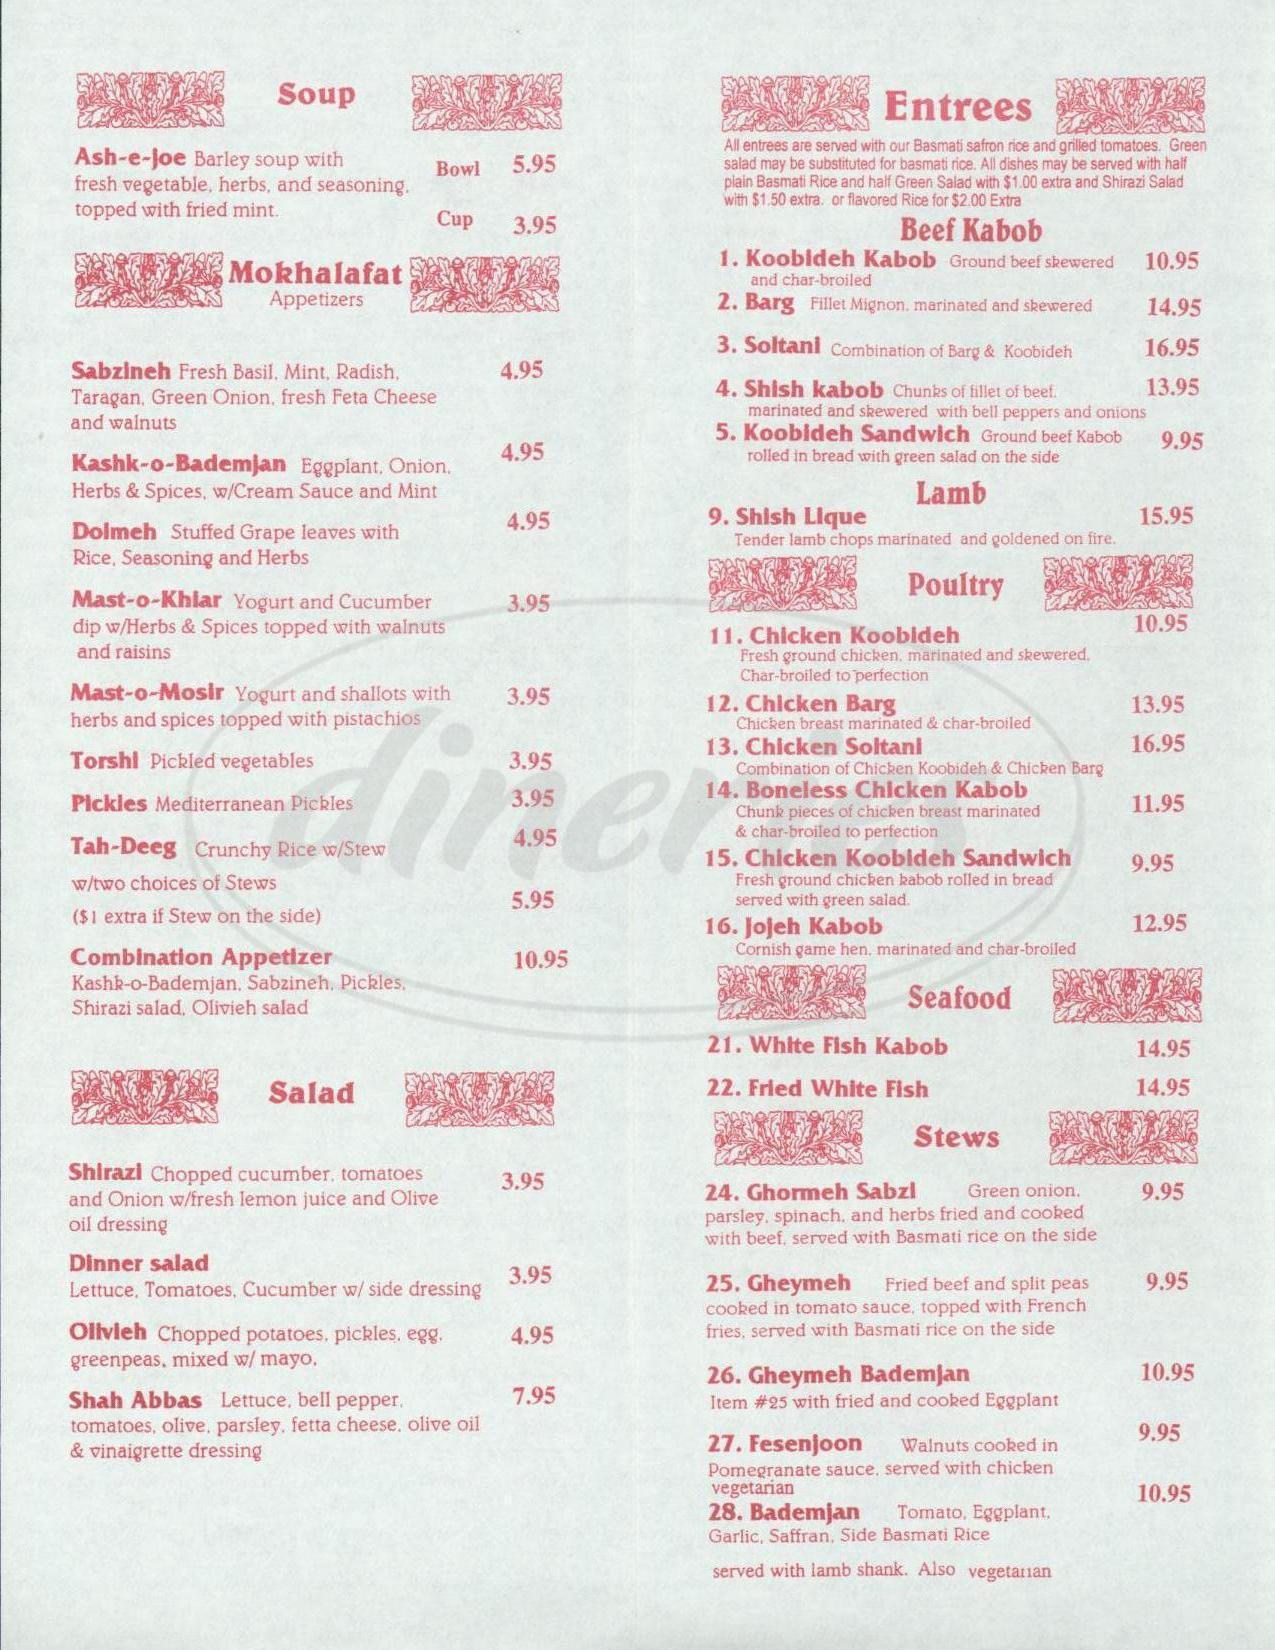 menu for Shah Abbas